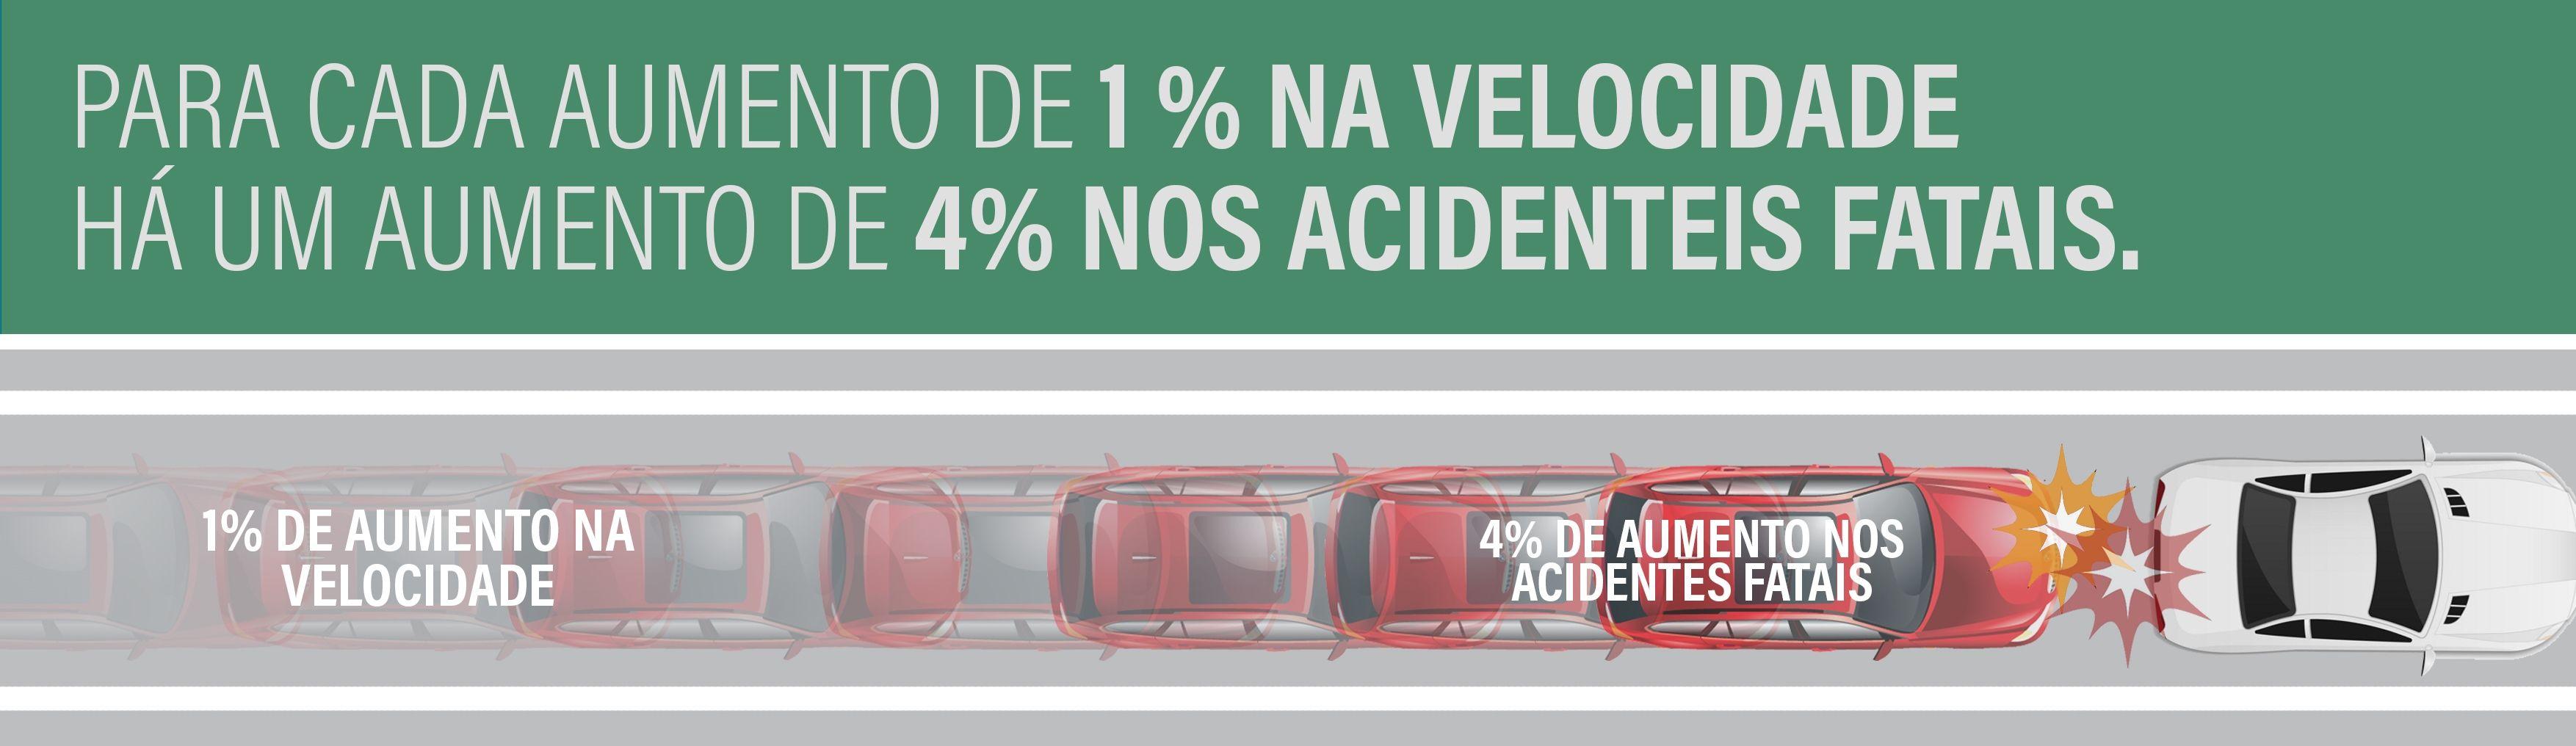 p Manter as velocidades em nveis segurosp